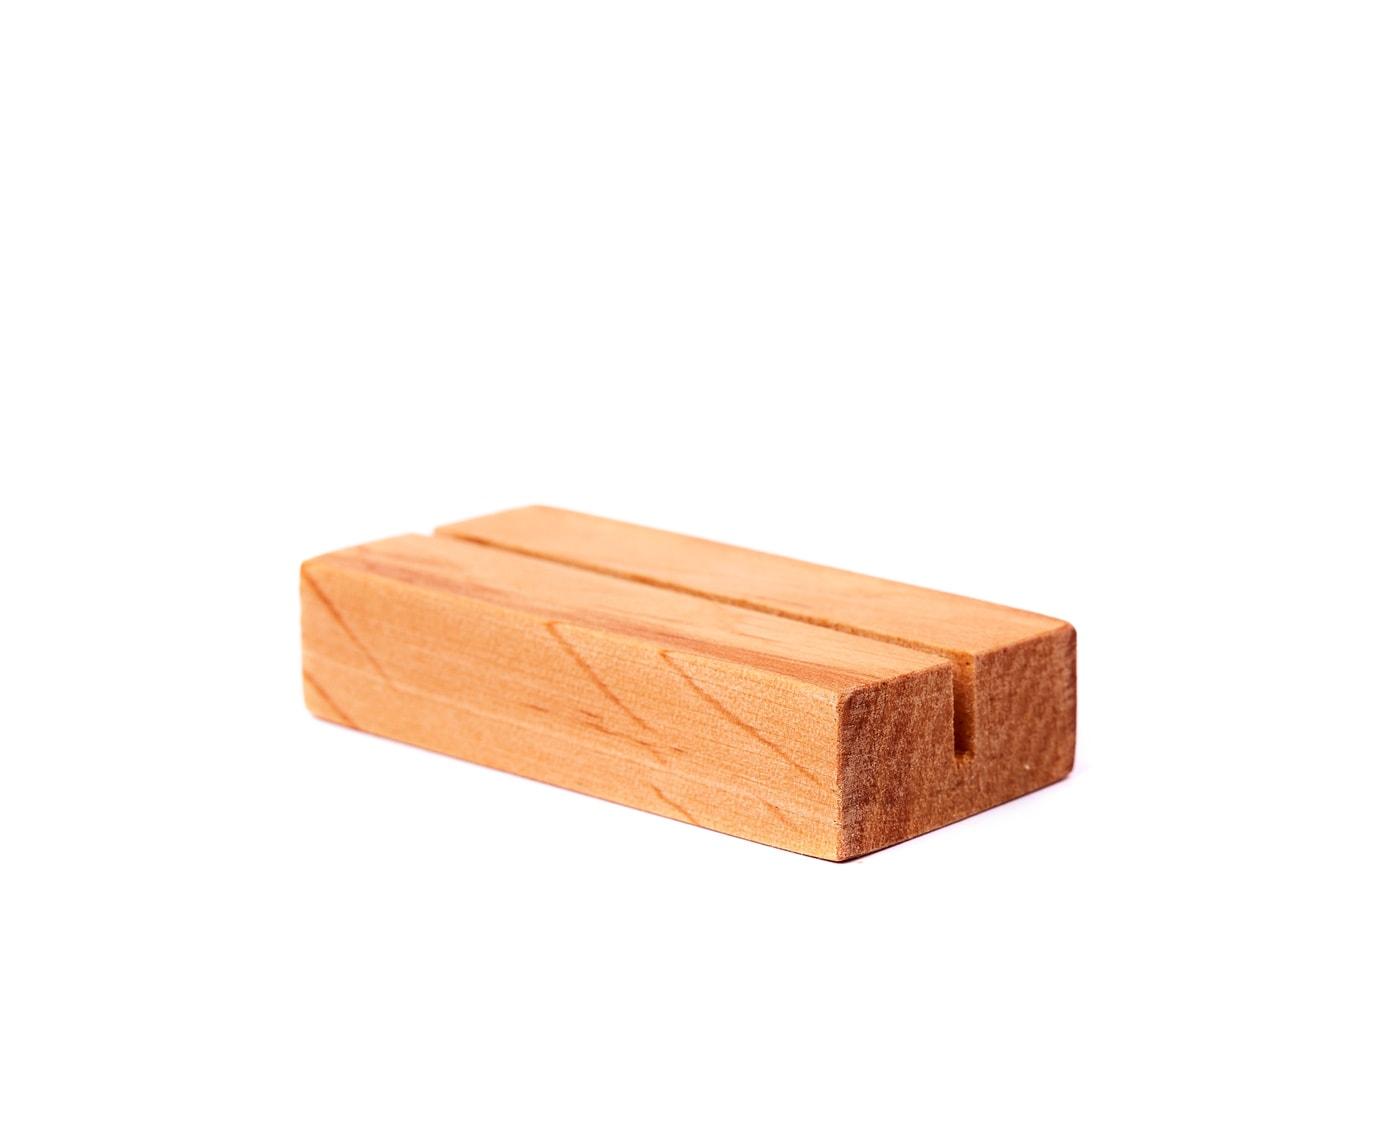 Drewniane podstawki w naturalnym kolorze, olejowane